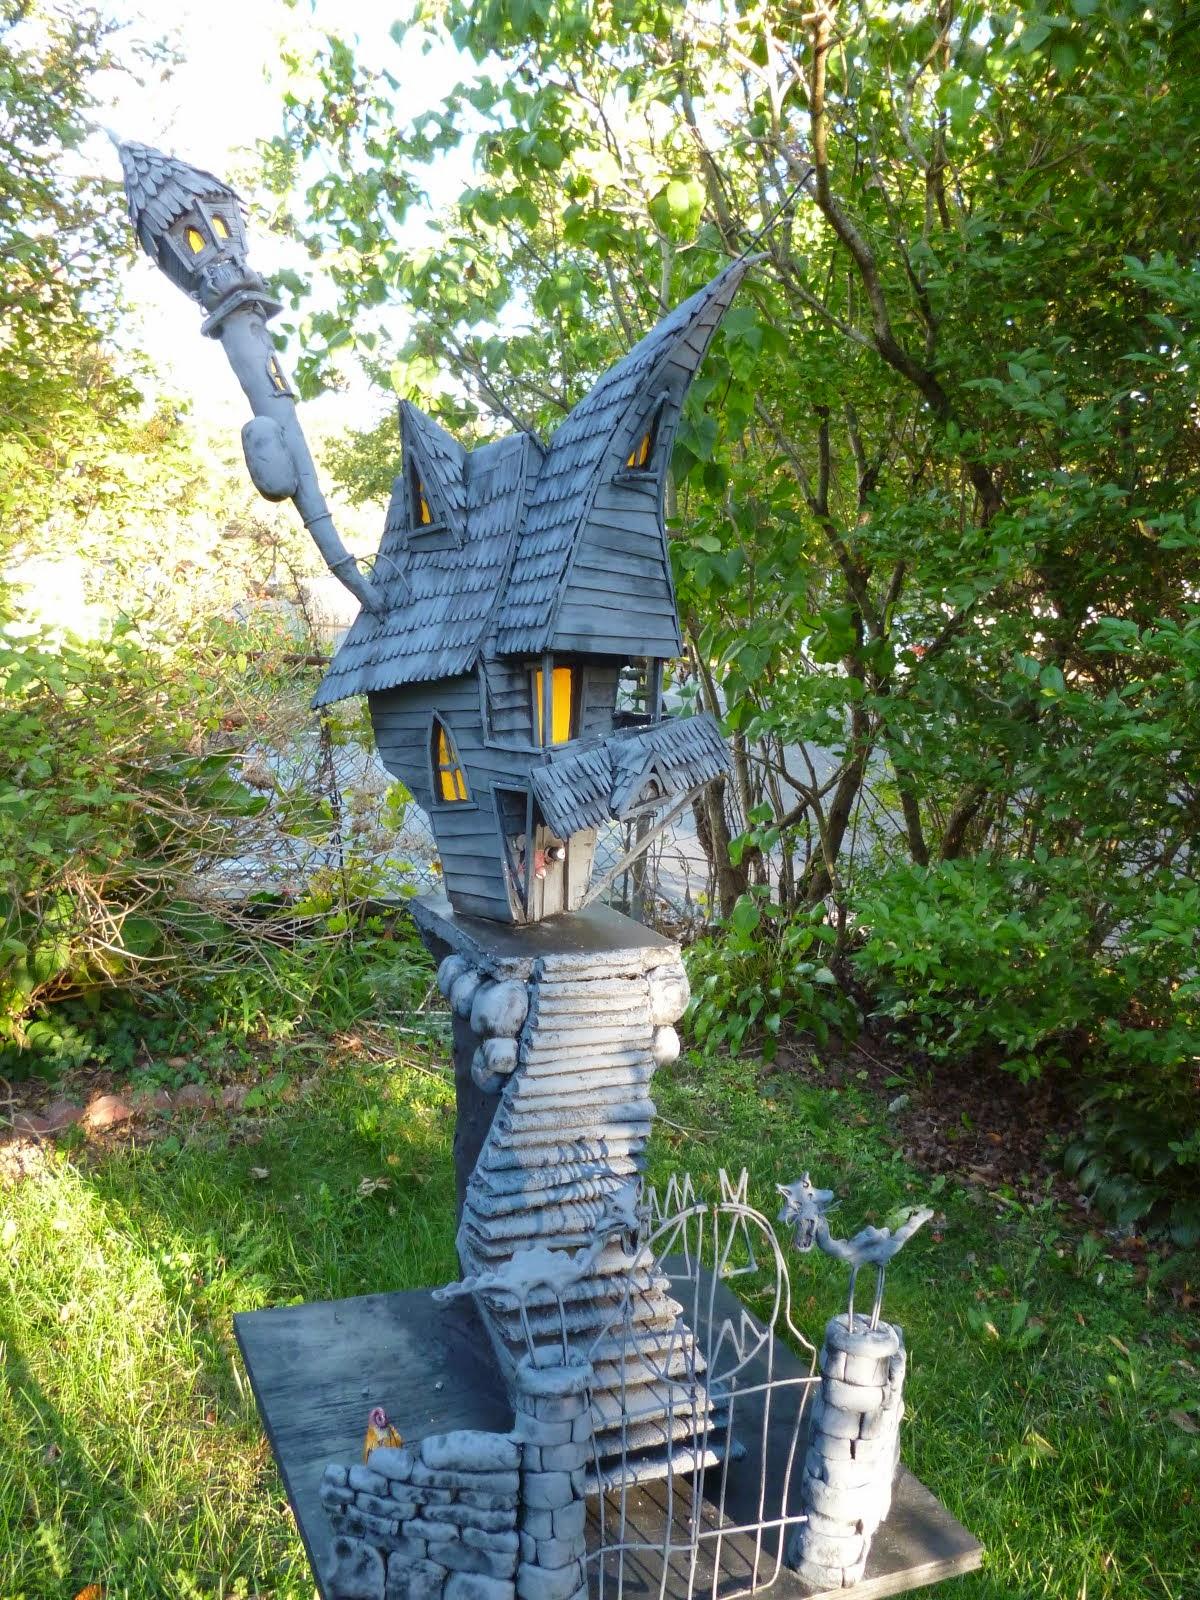 Jacks haunted house